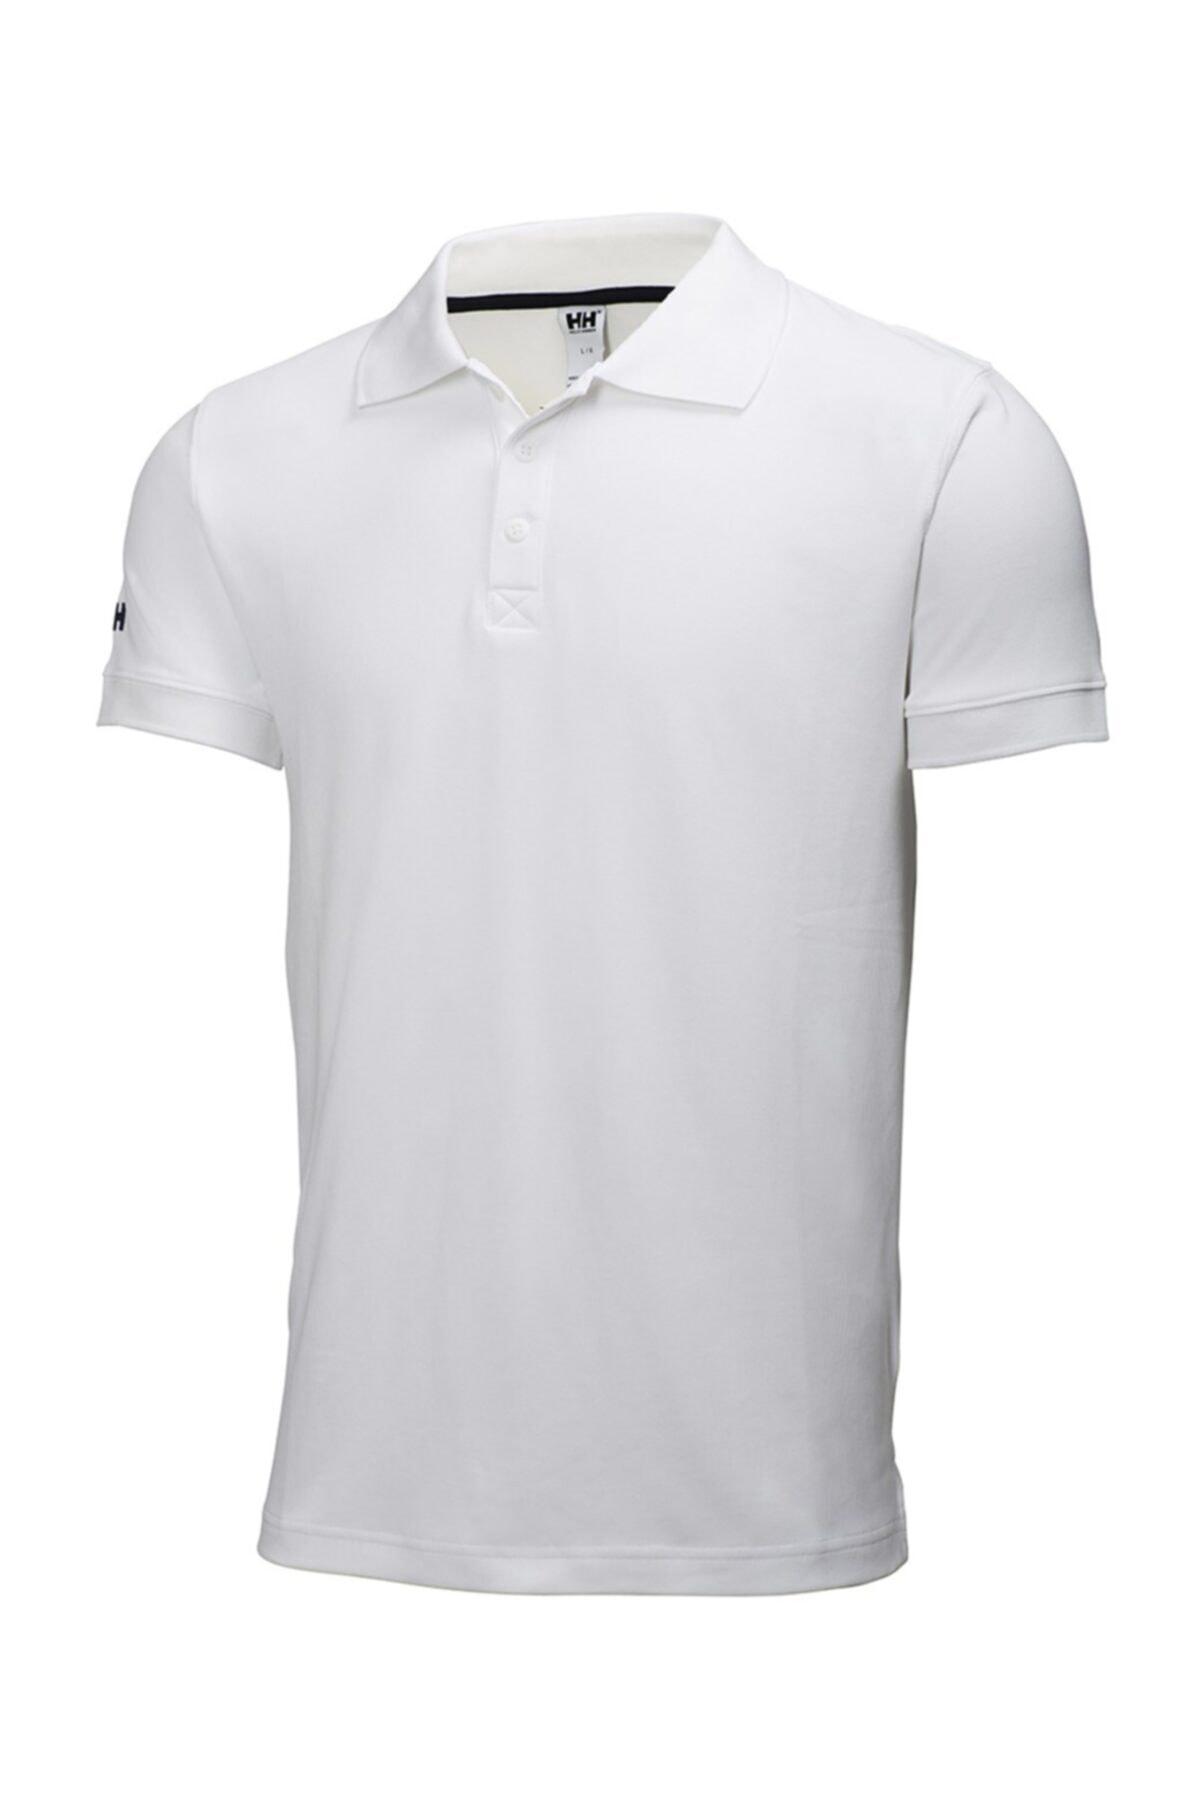 Helly Hansen Crewline Polo Yaka Beyaz Erkek T-shirt 1